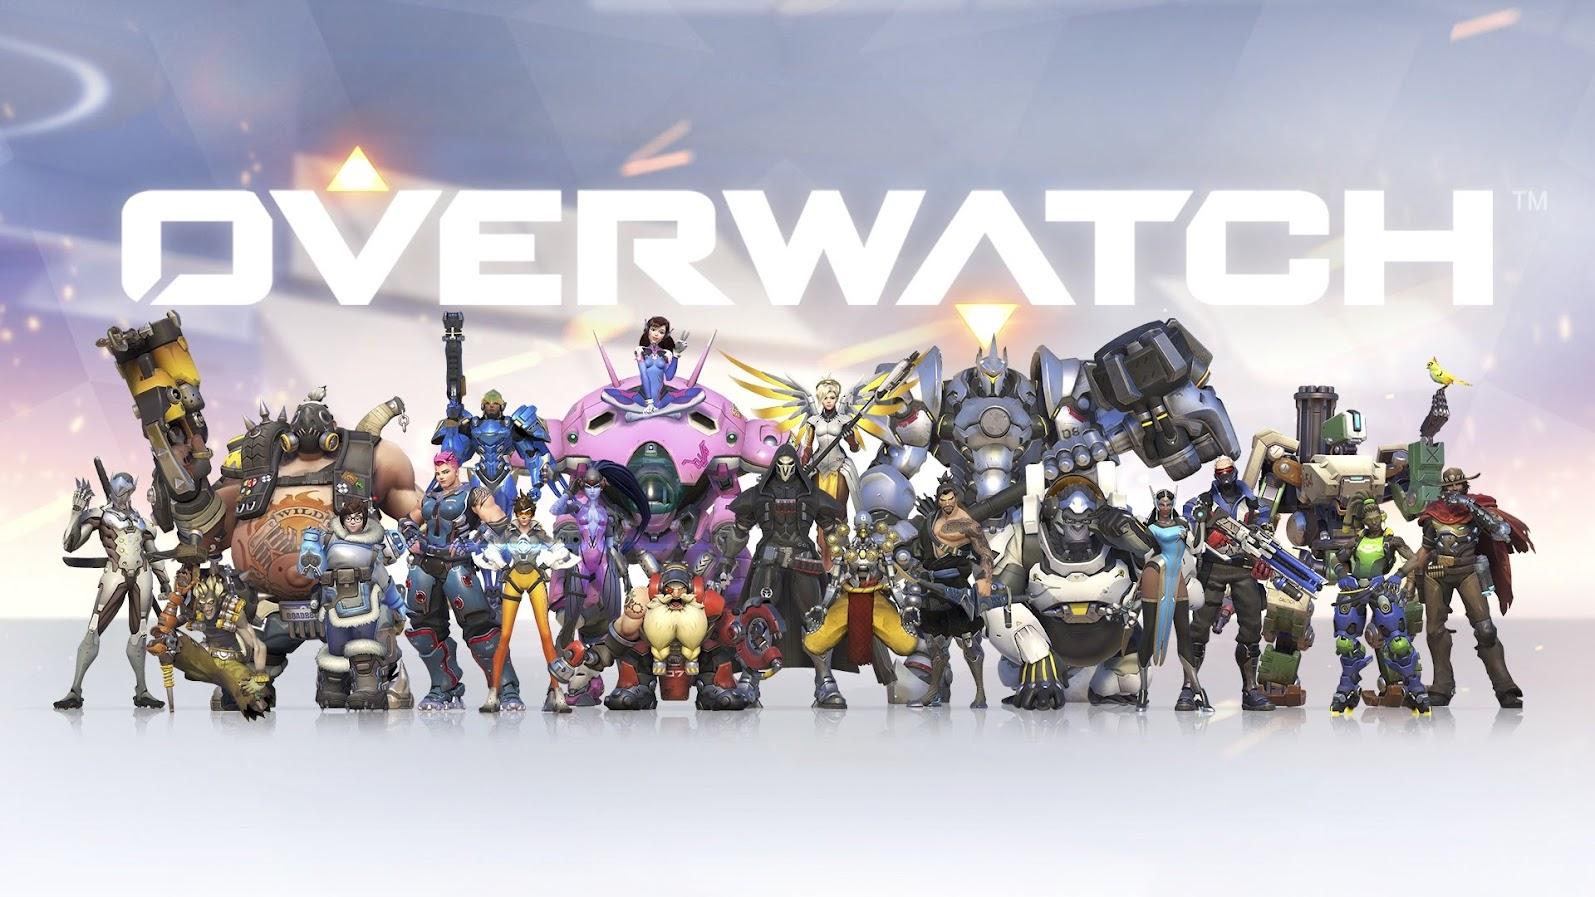 Personaggi Overwatch: caratteristiche e abilità